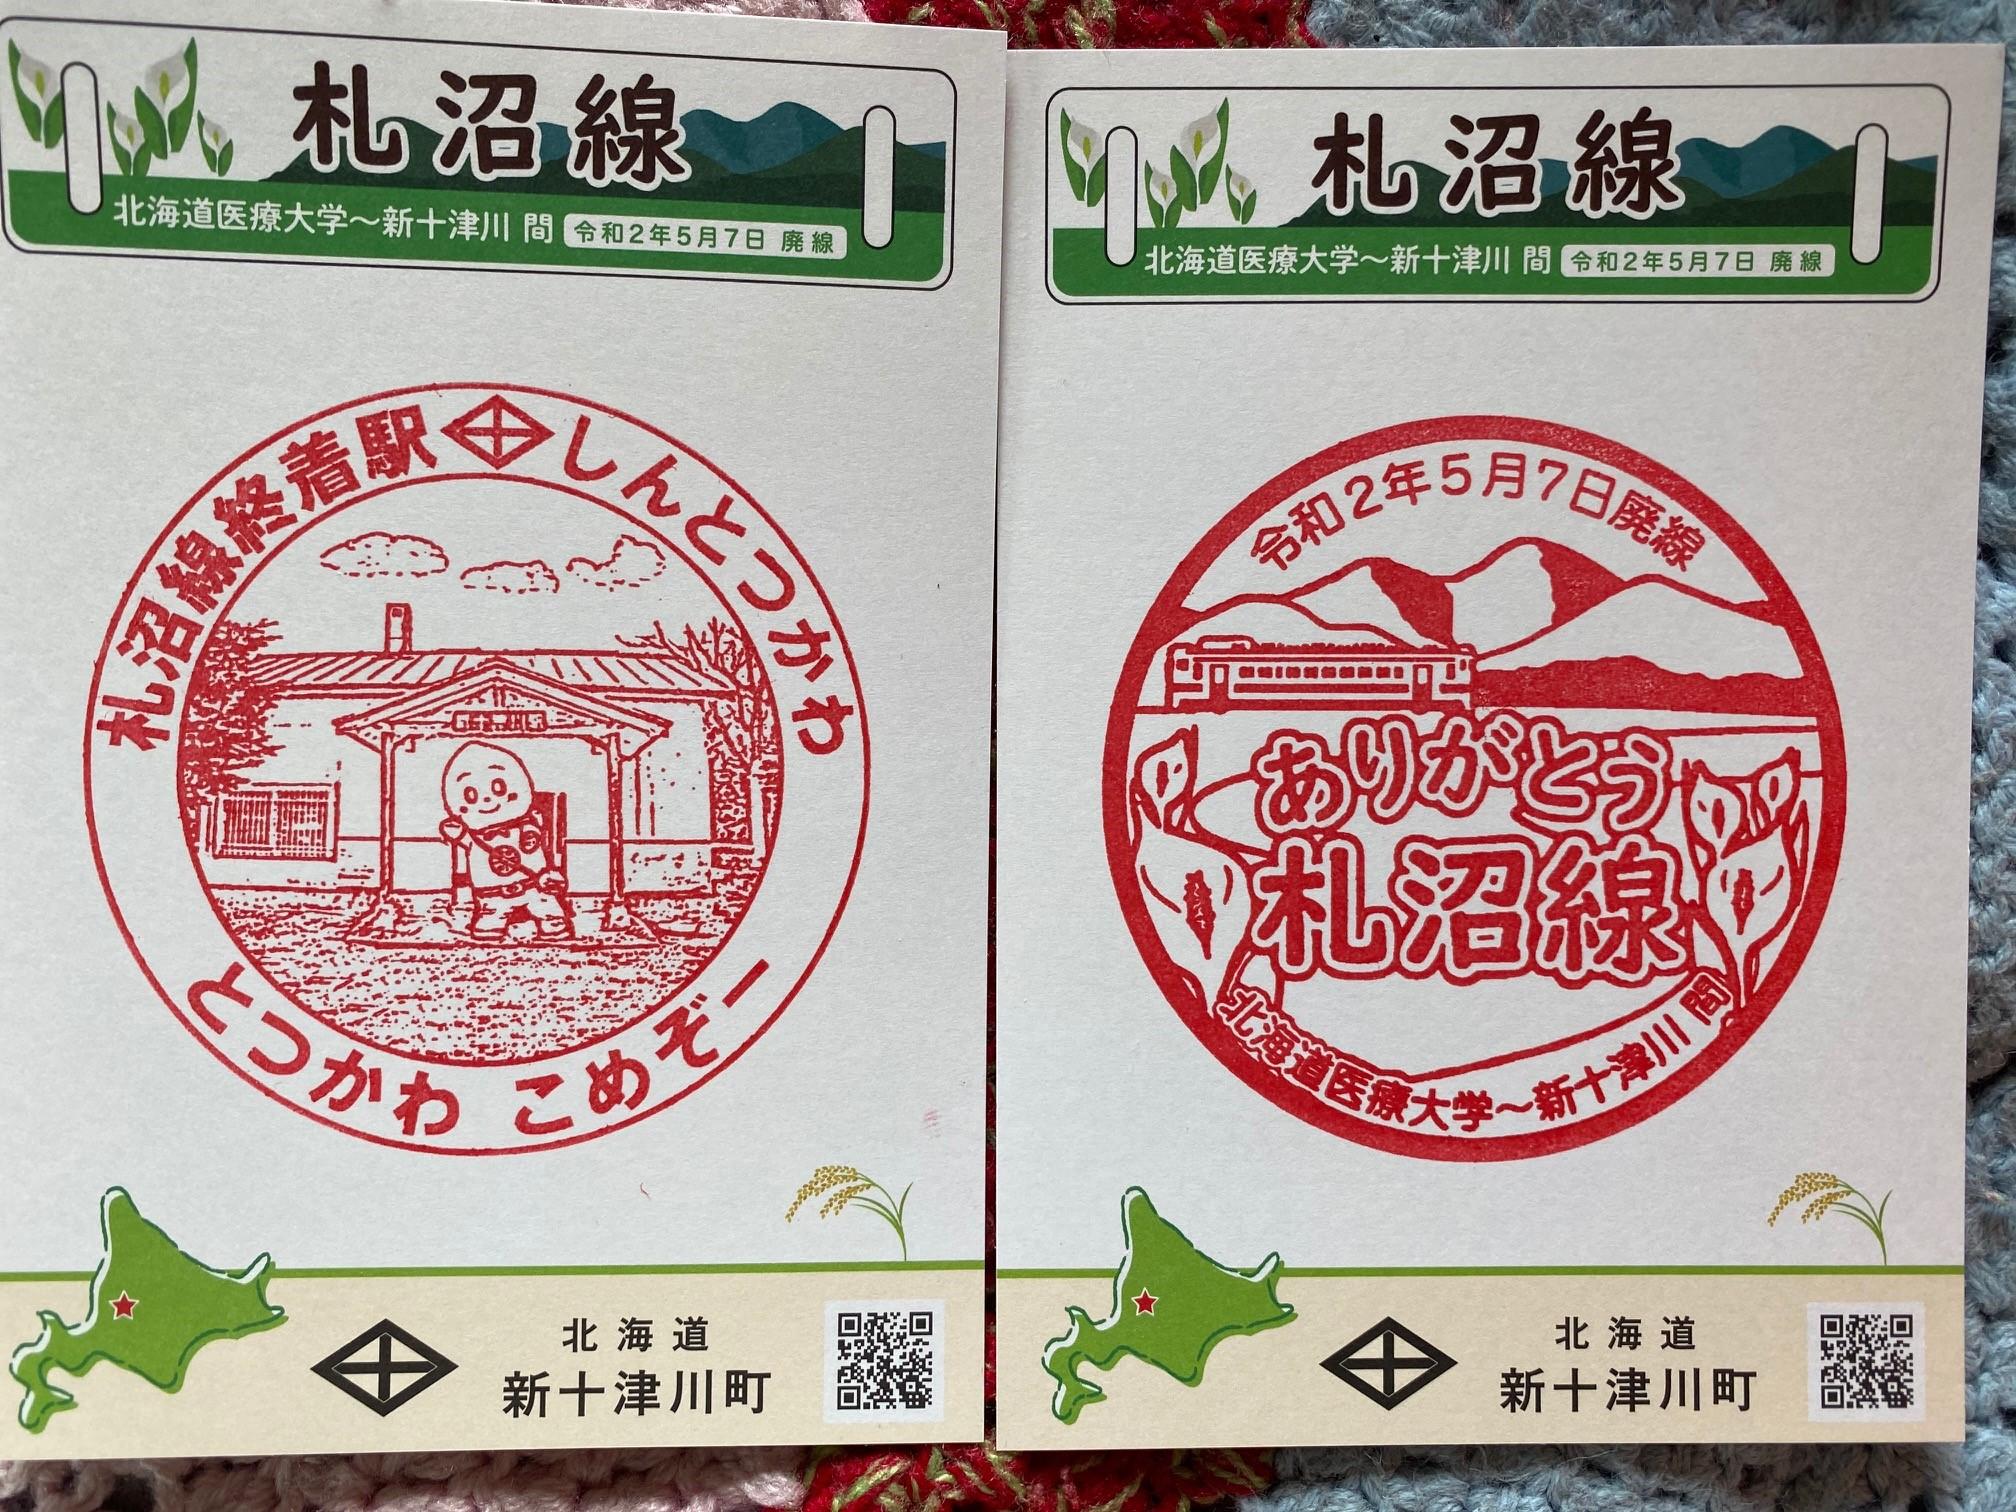 単独表示 津川駅.jpg